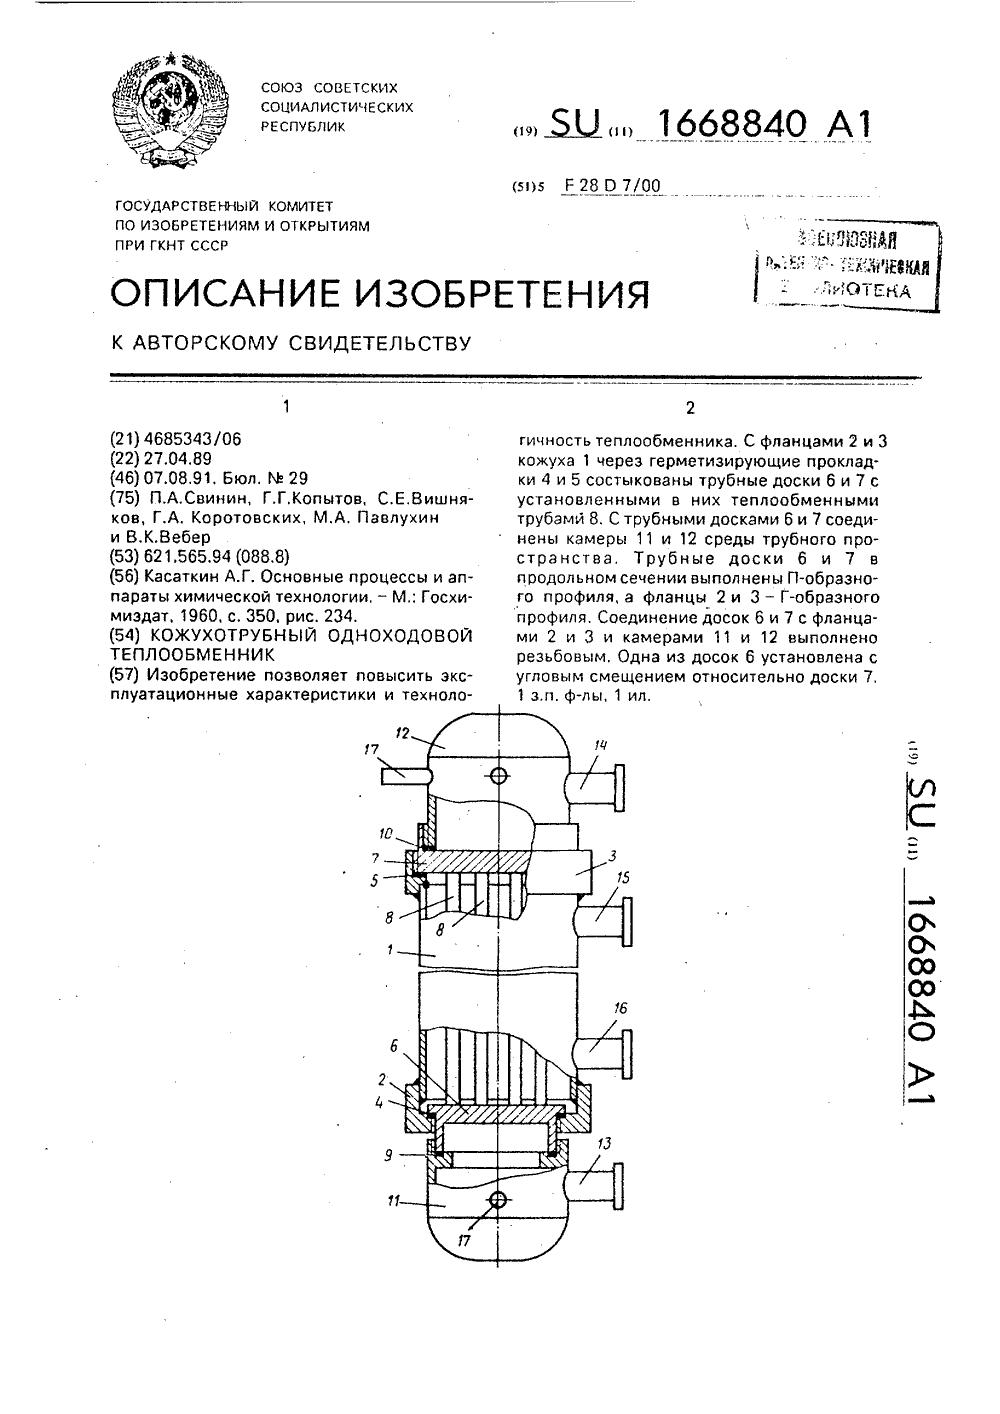 Одноходовой кожухотрубчатый теплообменник описание теплообменники под землей для вентиляции